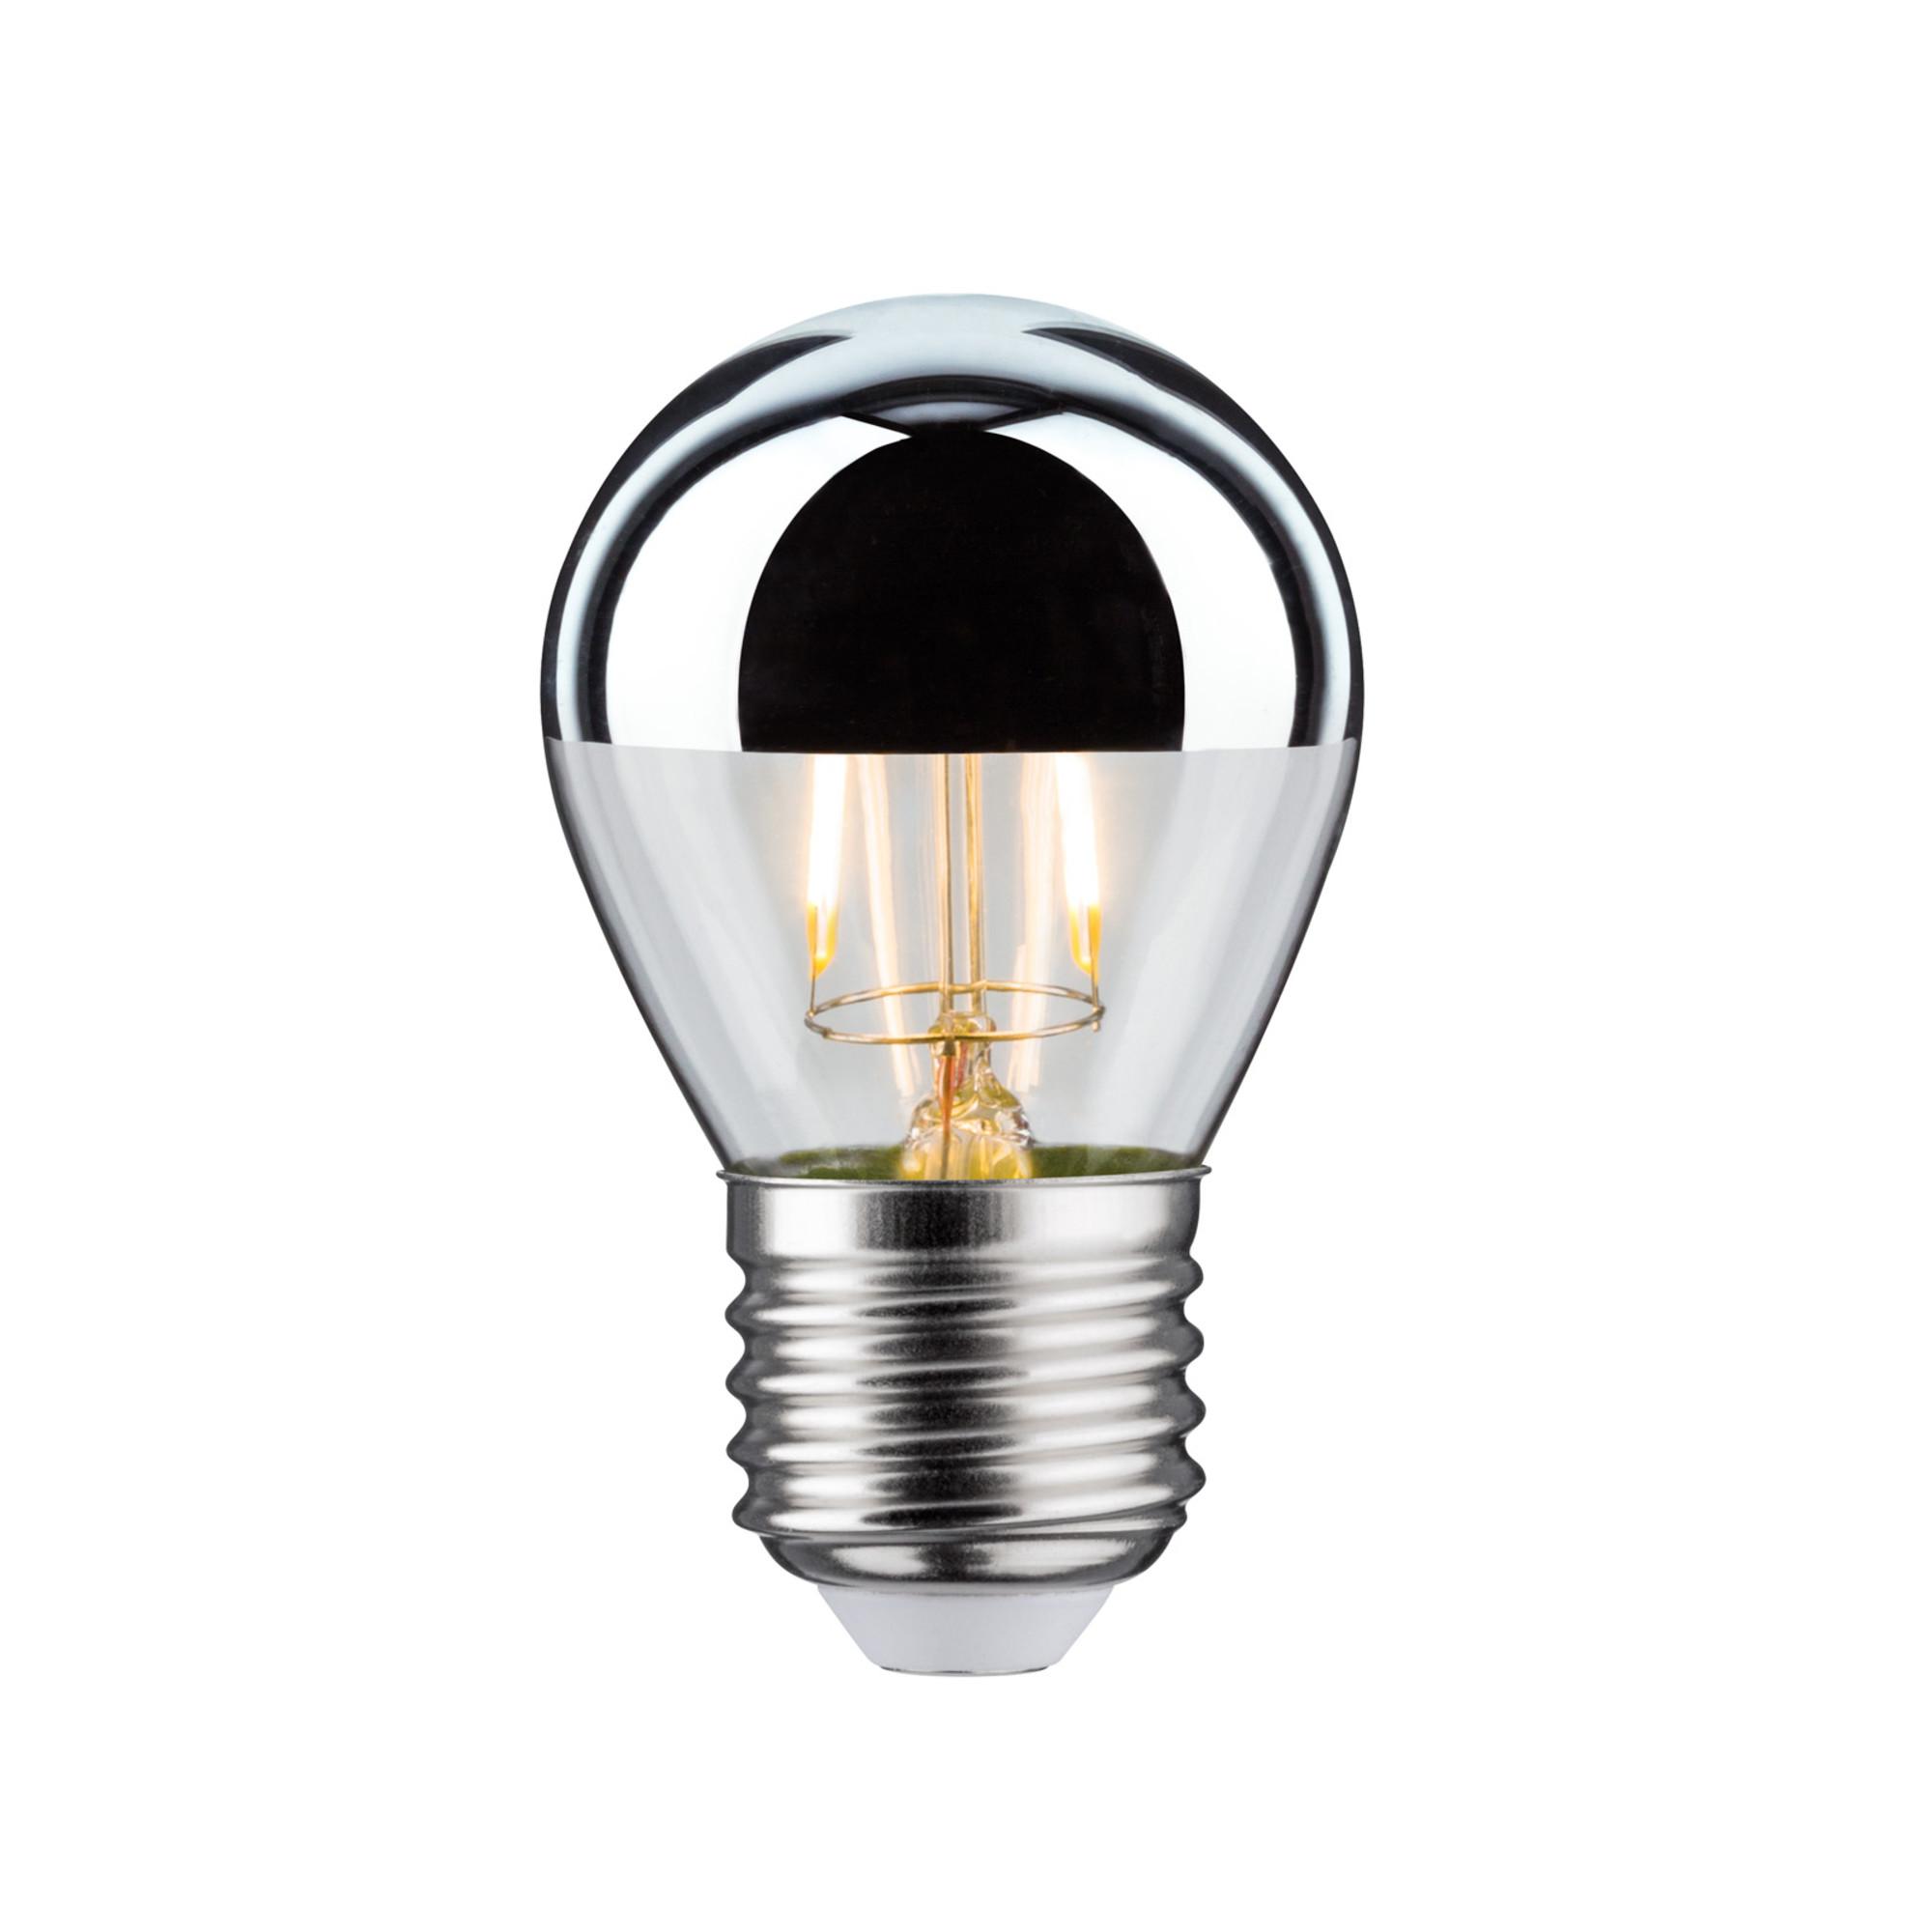 Лампа филаментная Paulmann Капля 2.5Вт 220лм 2700К E27 230В Серебро Зеркальный верх 28384.